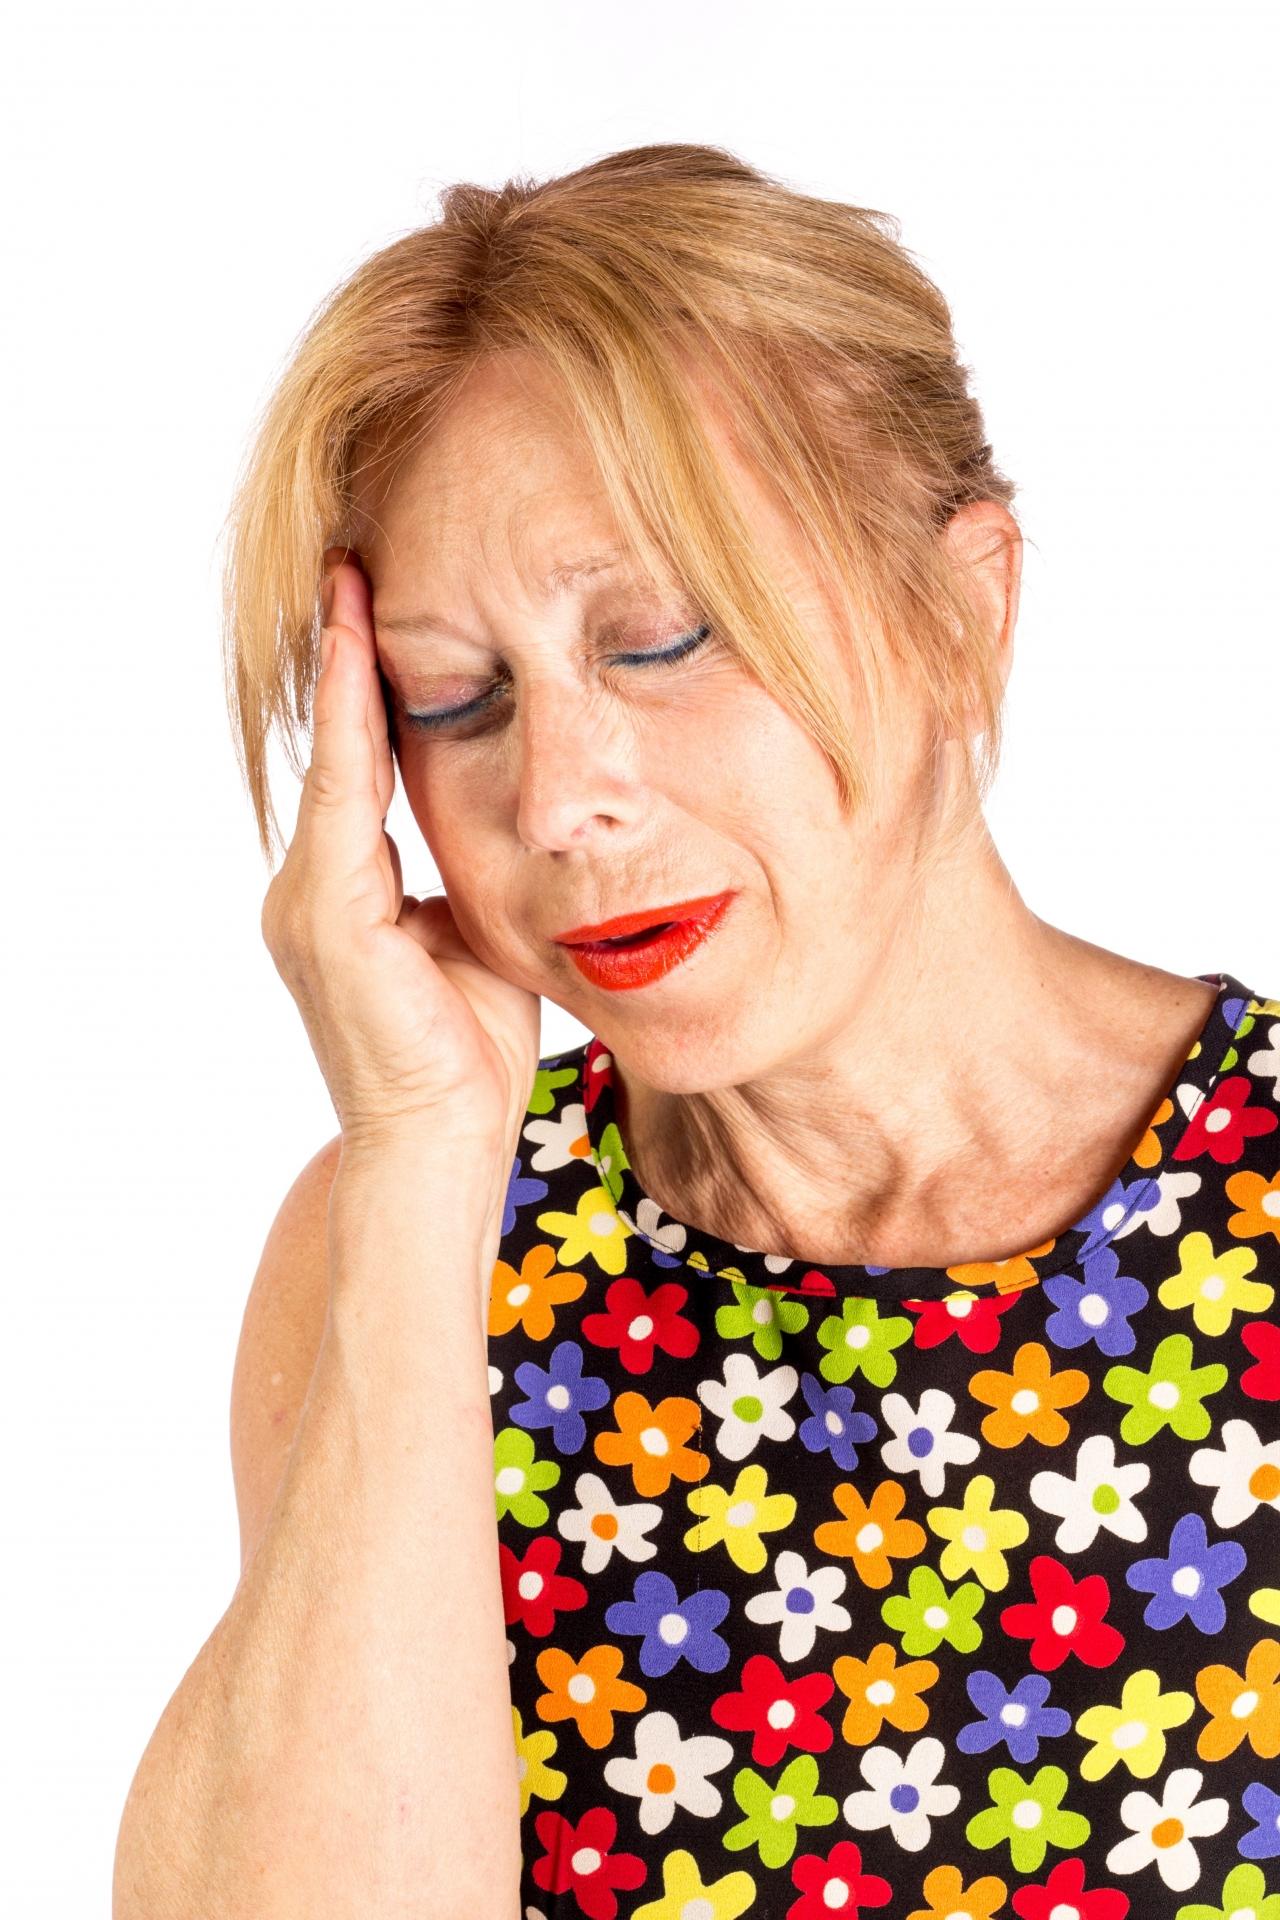 更年期障害の疑問:更年期障害はいつまで続くの?年齢によって違うの?